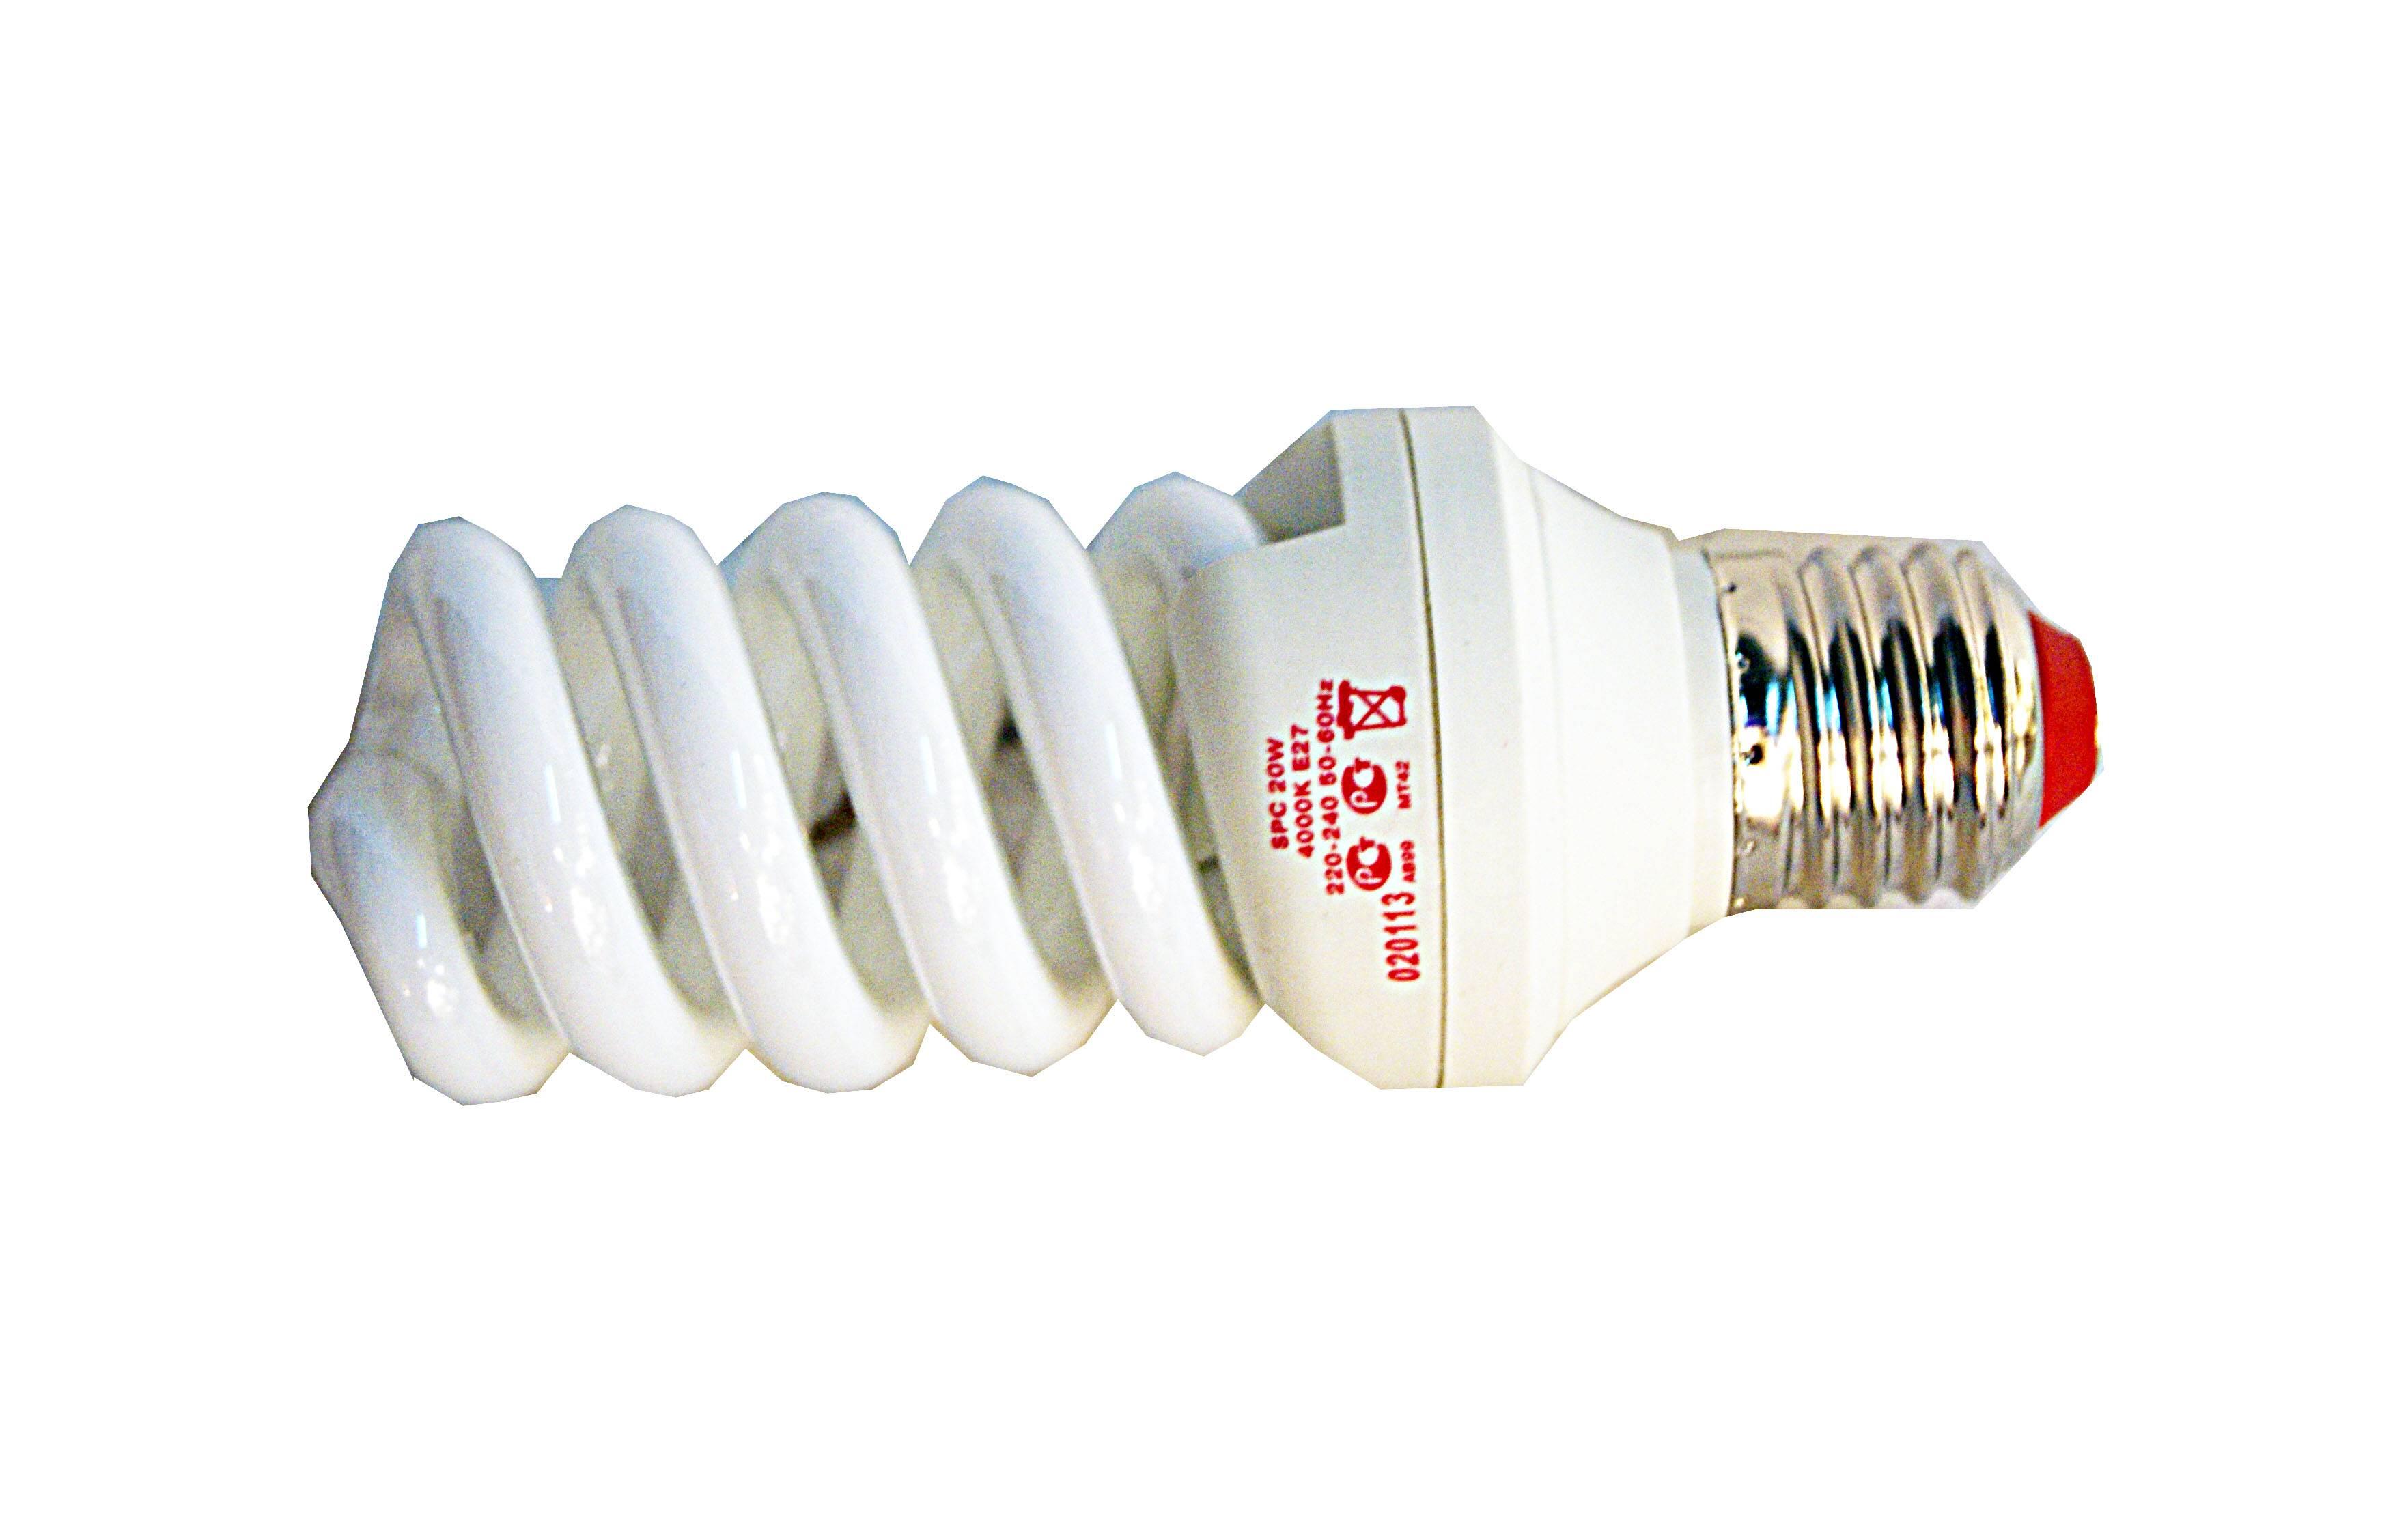 Лампа люминесцентная ЭКОНОМКАЛампы<br>Тип лампы: энергосберегающая,<br>Форма лампы: спираль,<br>Цвет колбы: белая,<br>Тип цоколя: Е27,<br>Напряжение: 220,<br>Мощность: 26,<br>Цветовая температура: 2700,<br>Цвет свечения: теплый<br>